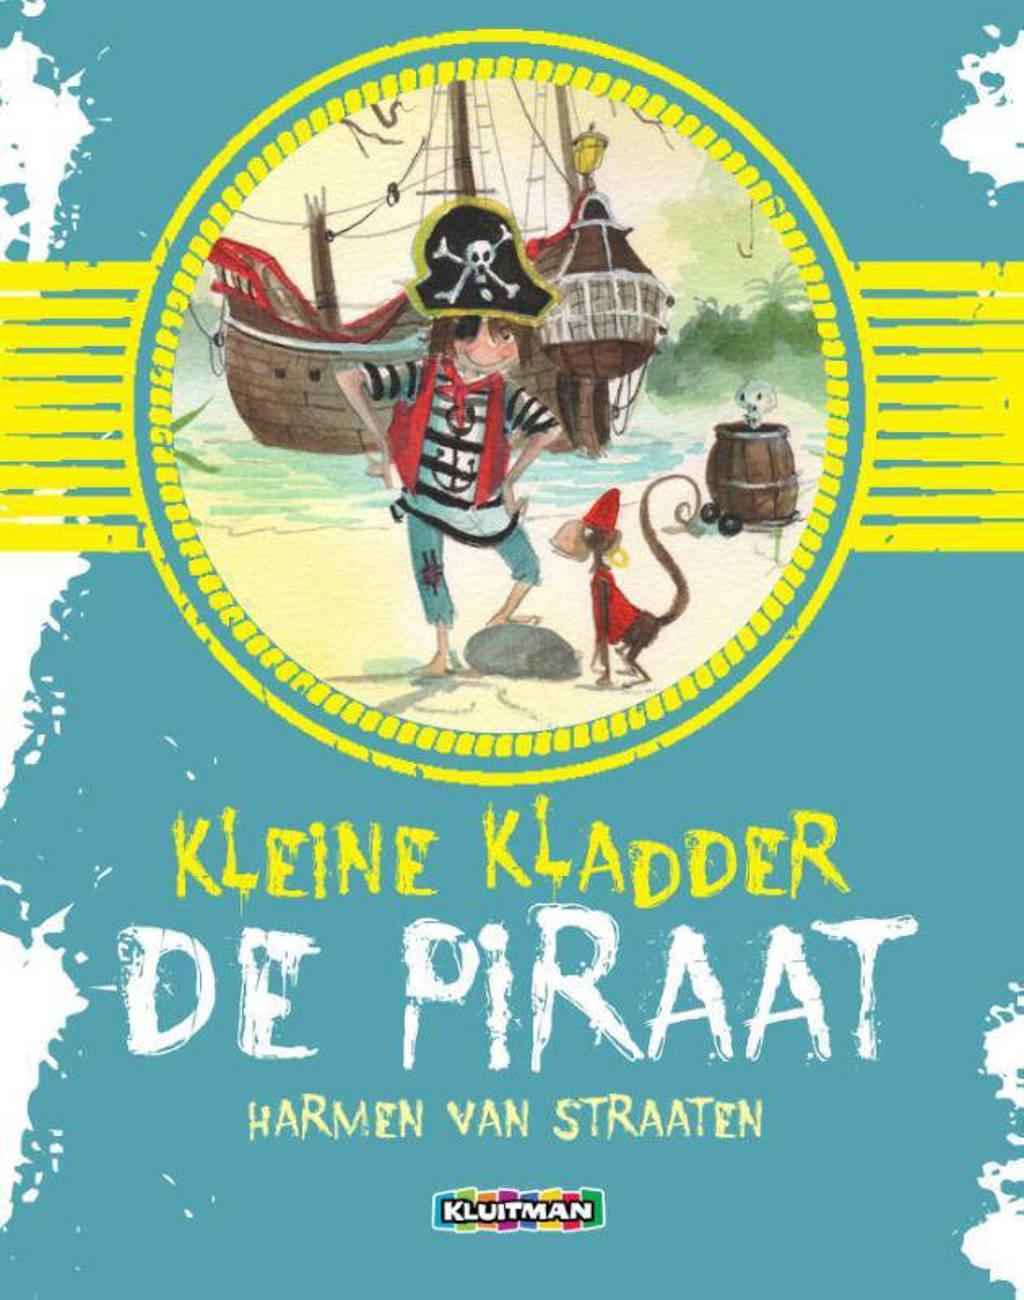 Kleine Kladder de piraat - Harmen van Straaten